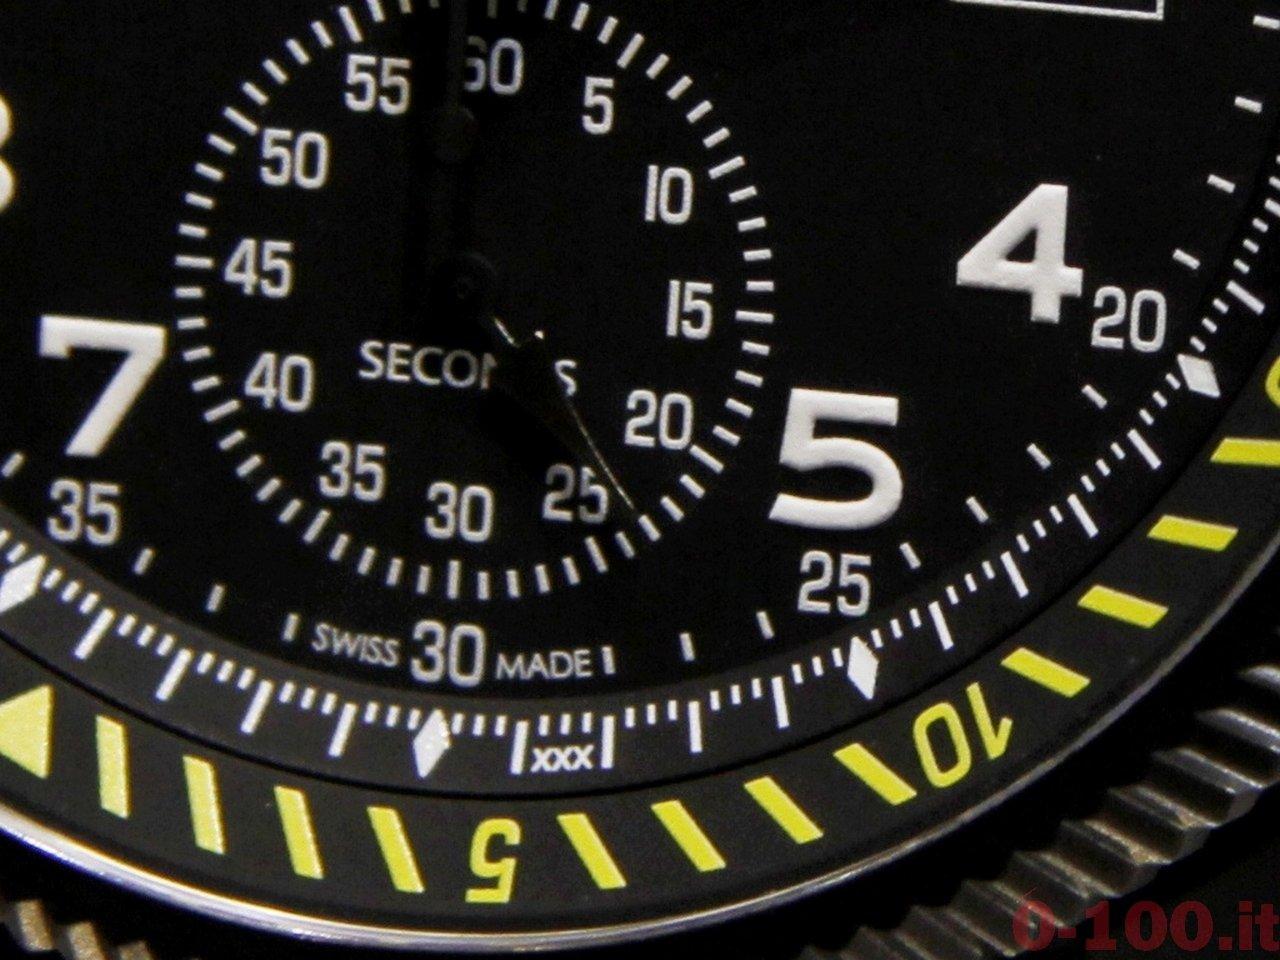 Hamilton-khaki-takeoff-auto-chrono-limited-edition-0-100_11